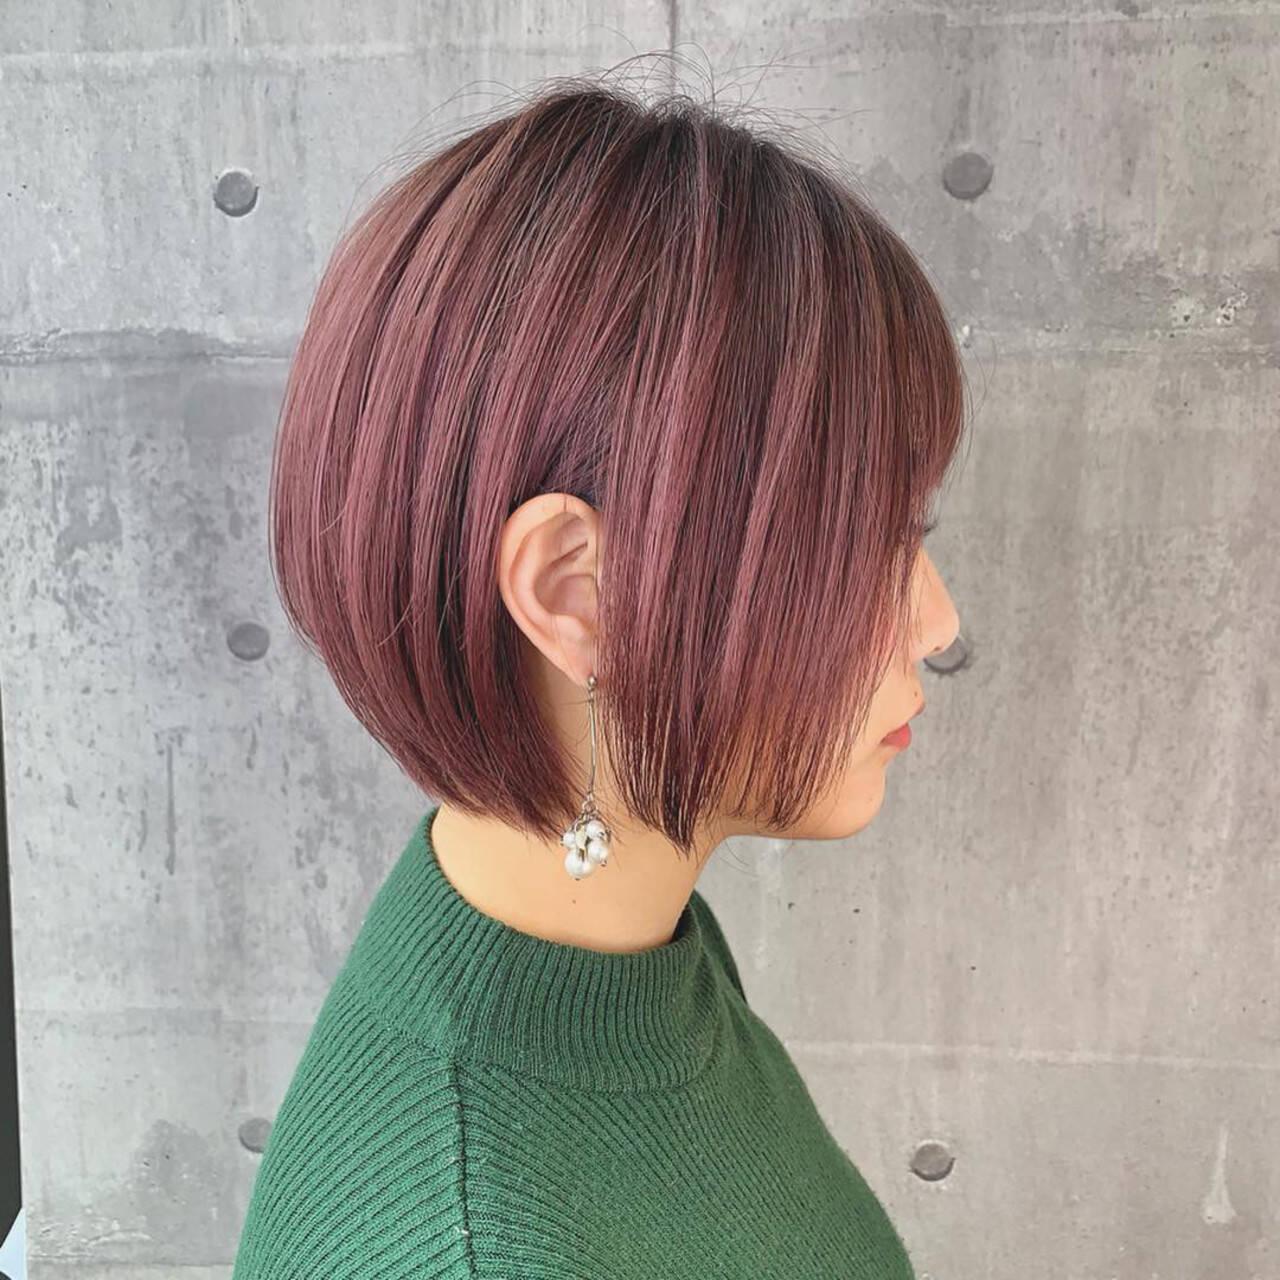 イルミナカラー 簡単ヘアアレンジ ヘアカラー ショートヘアスタイルや髪型の写真・画像